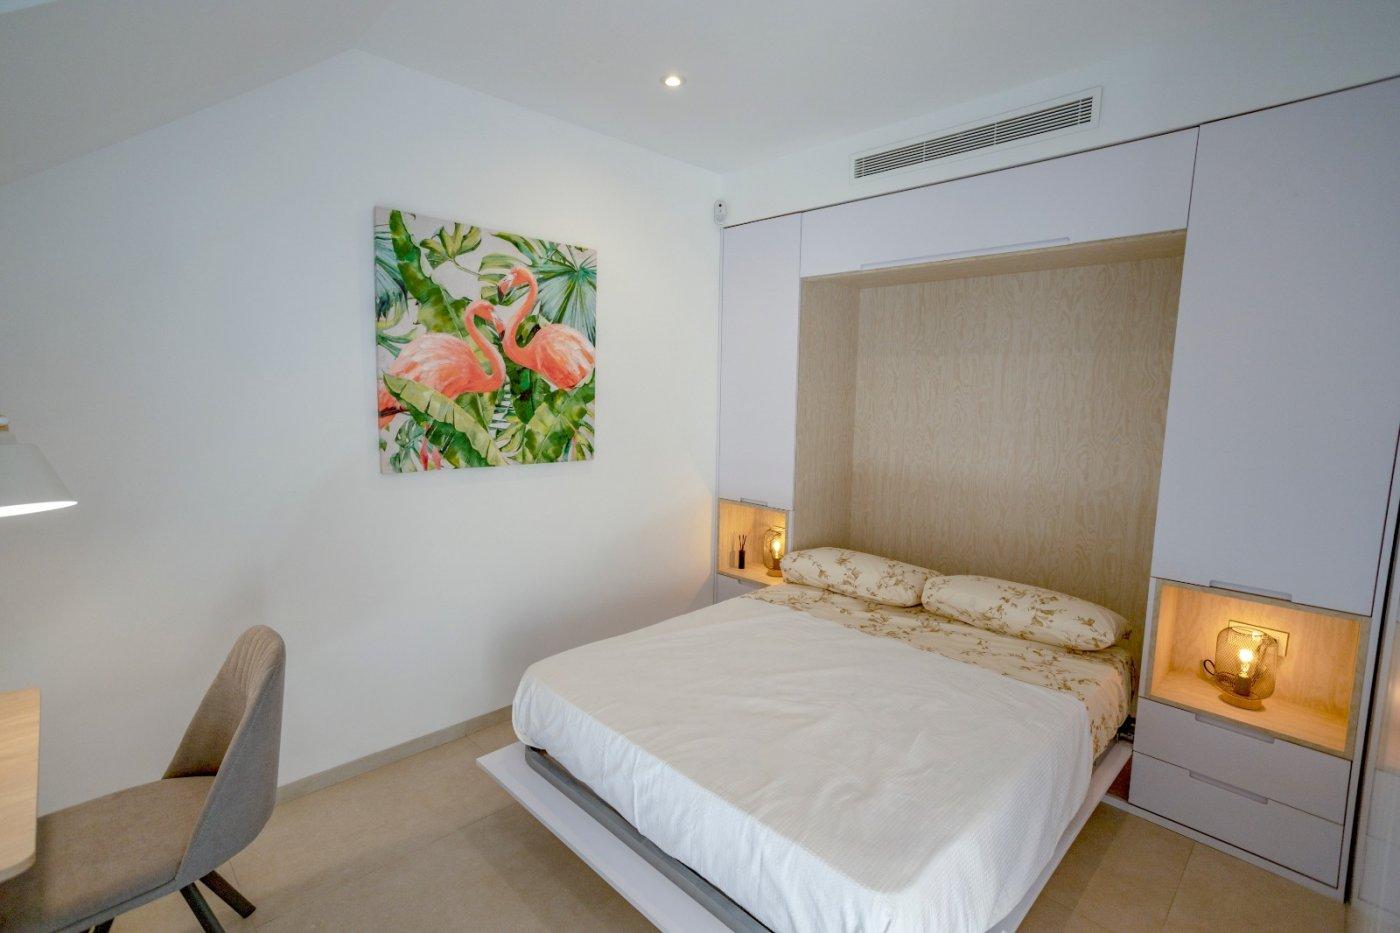 Apartamento moderno en san pedro del pinatar - imagenInmueble22